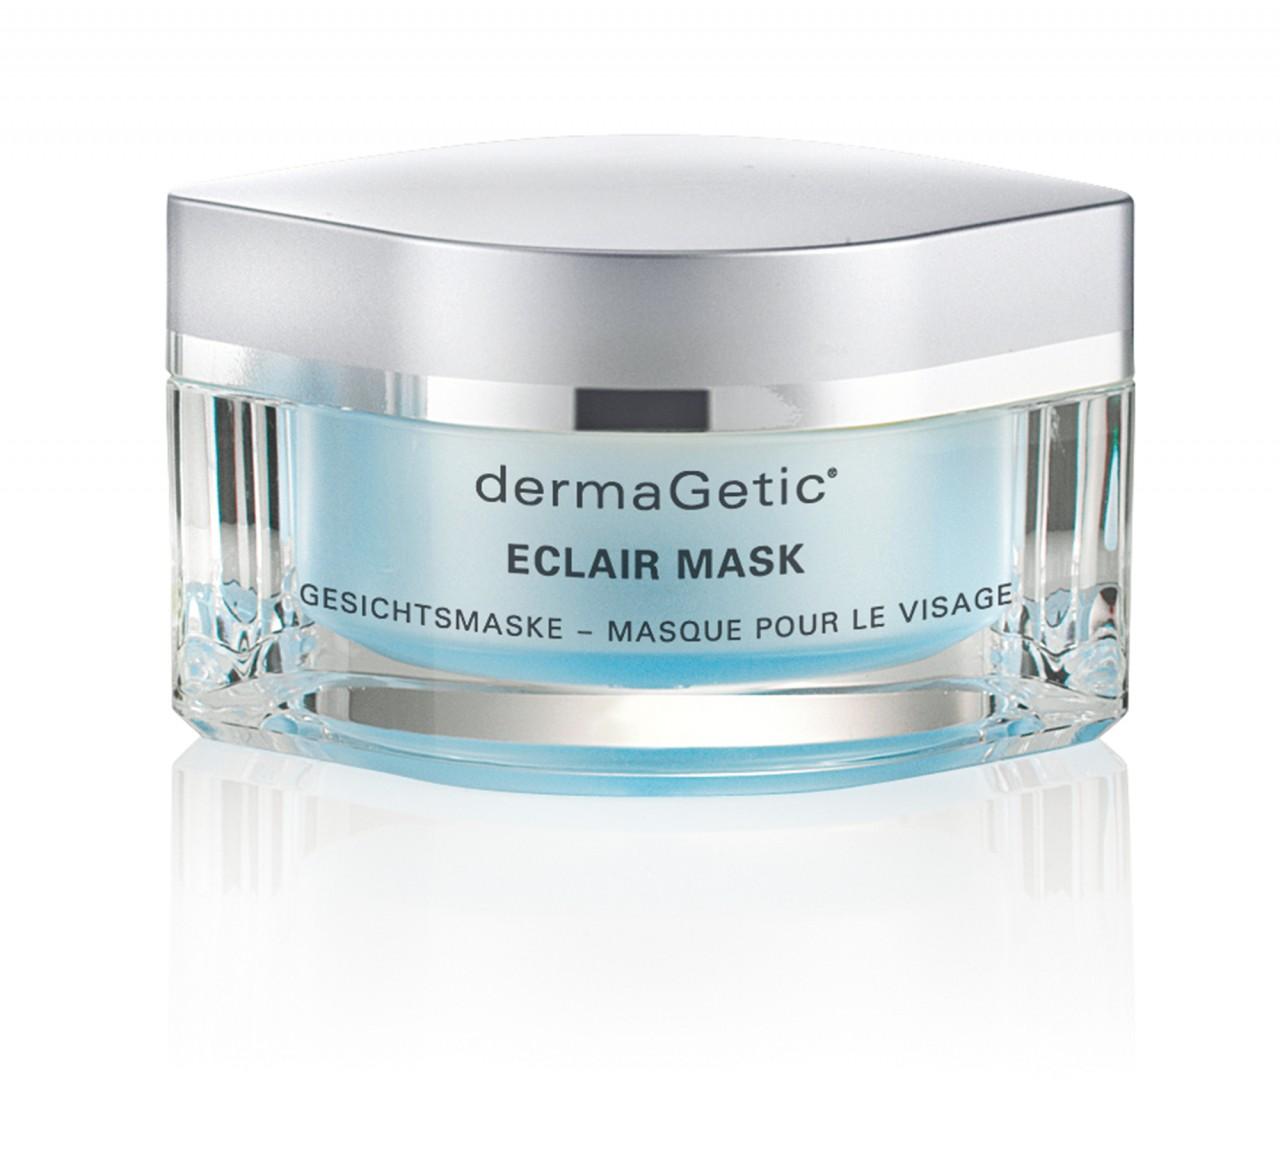 dermaGetic® ECLAIR MASK I 50 ml - für die feuchtigkeitsarme Haut